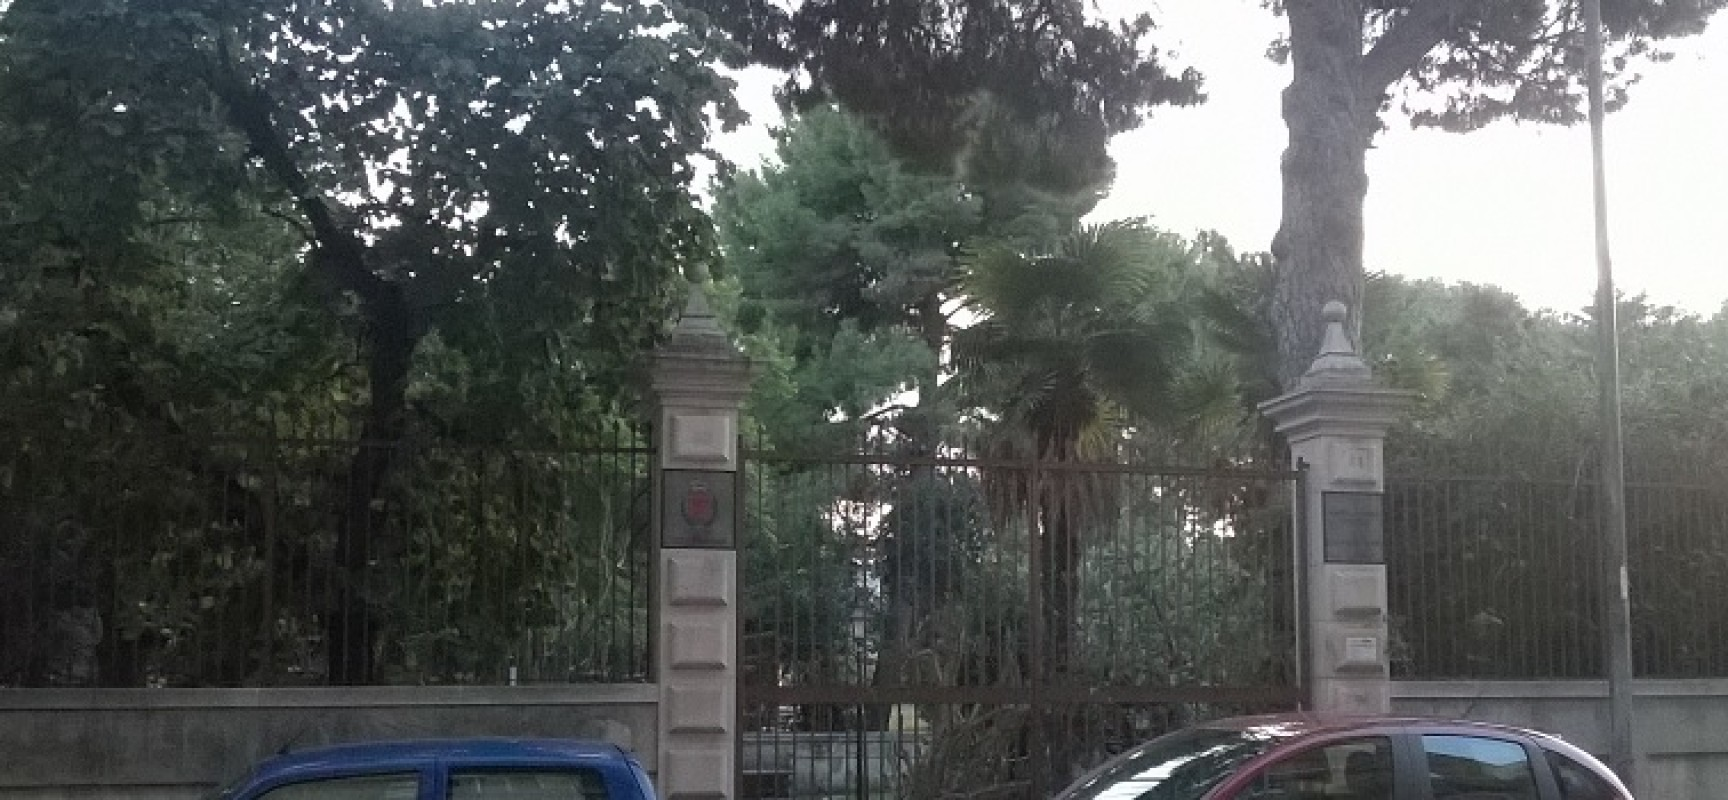 """Giardino botanico, approvato l'affidamento quinquennale all'Aps """"Mosquito"""""""